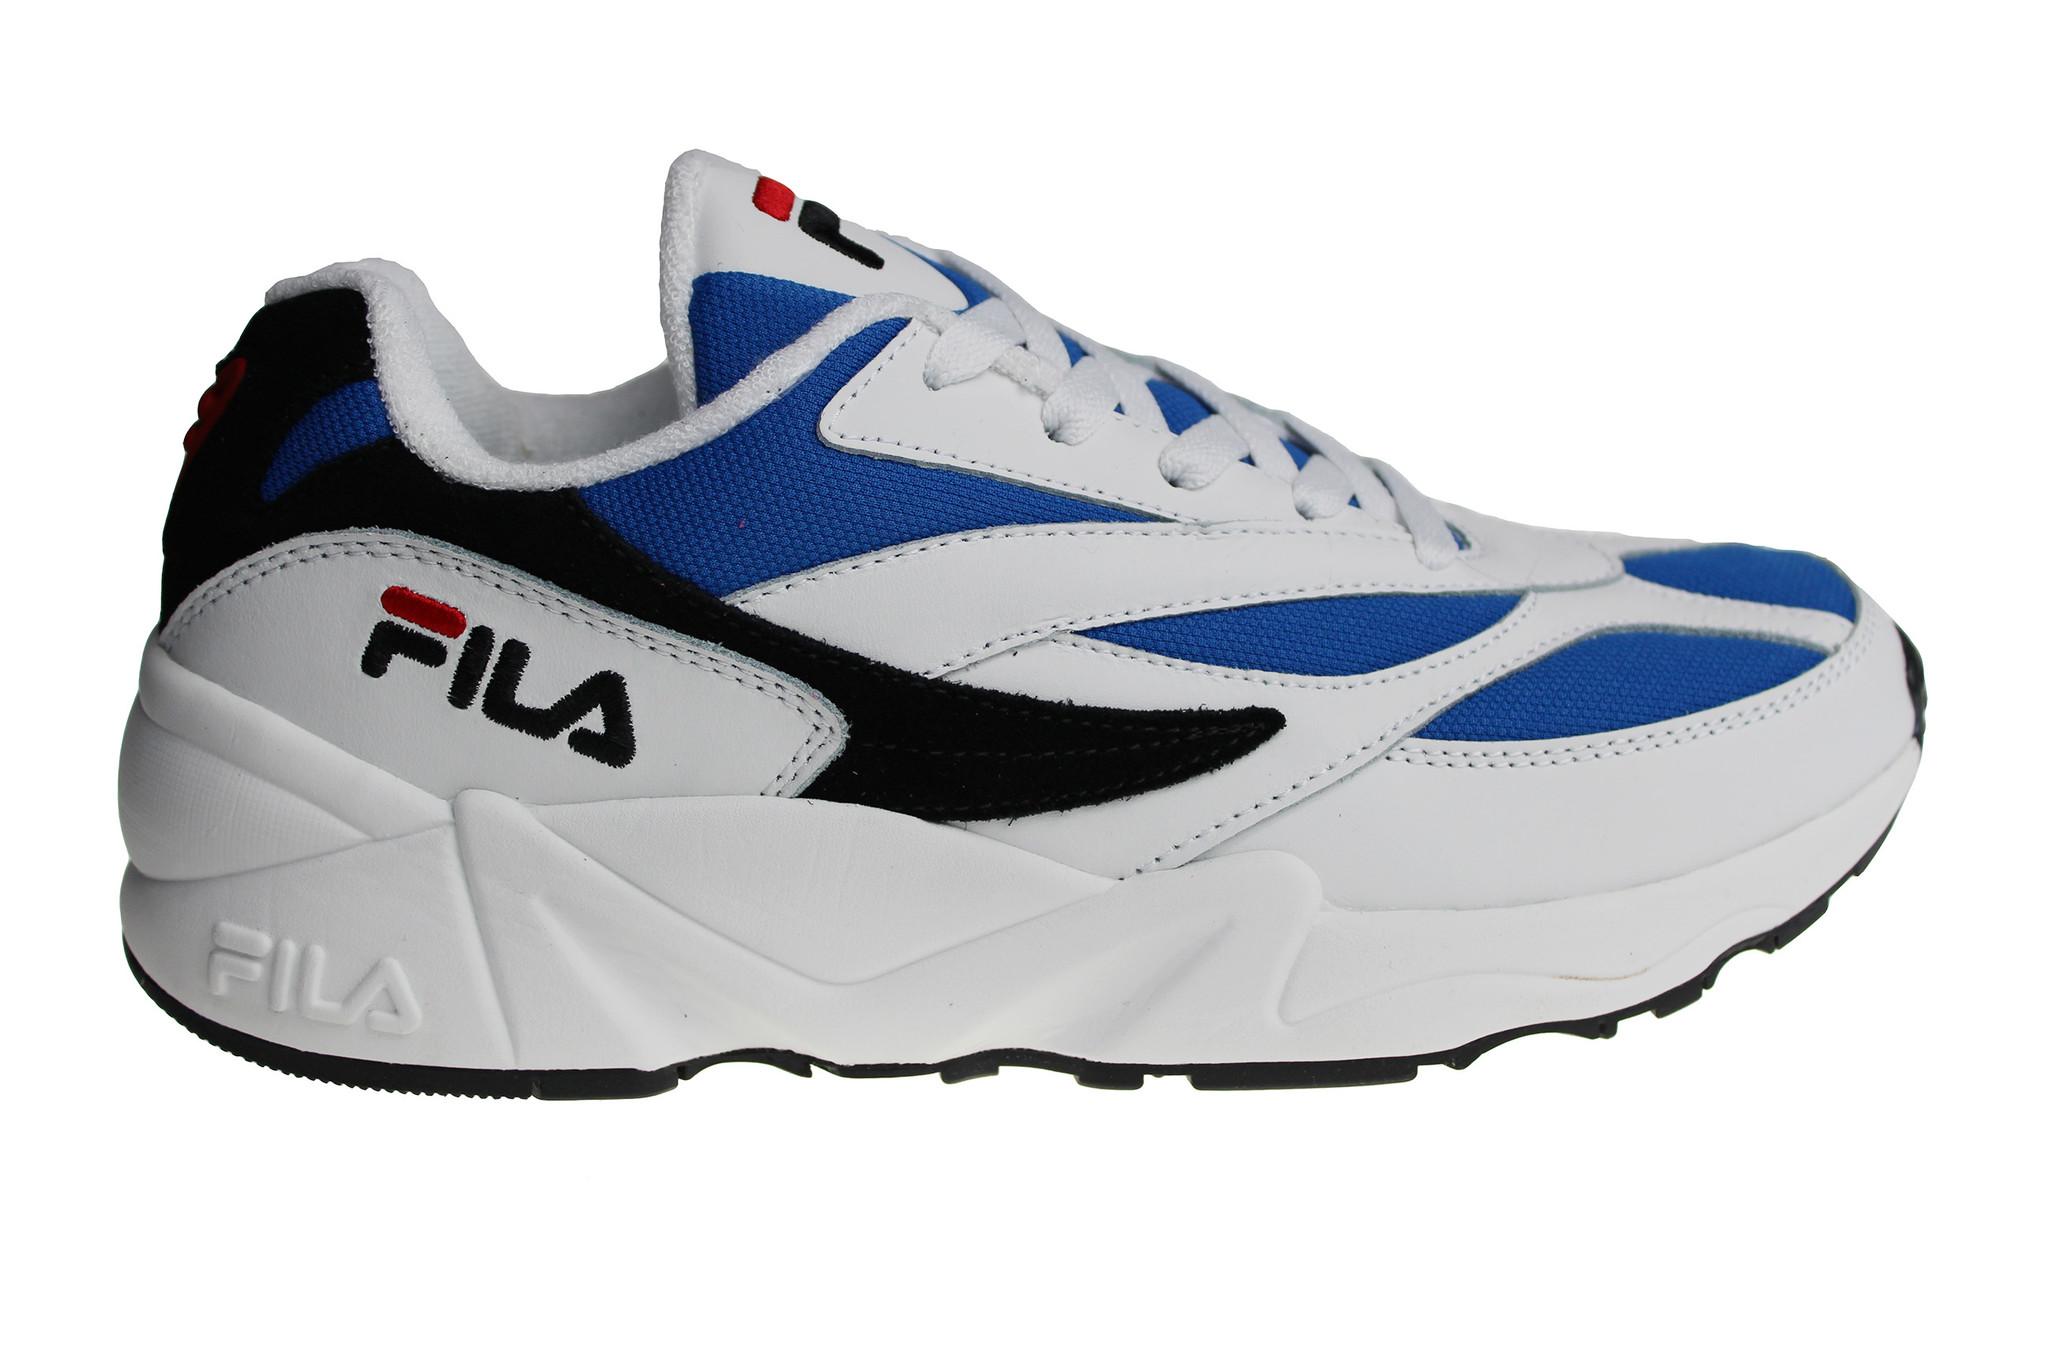 3f24f6466f1 Fila V94M Low (Wit/Blauw/Zwart/Donkerblauw/Rood) 1010255.01U Heren Sneakers